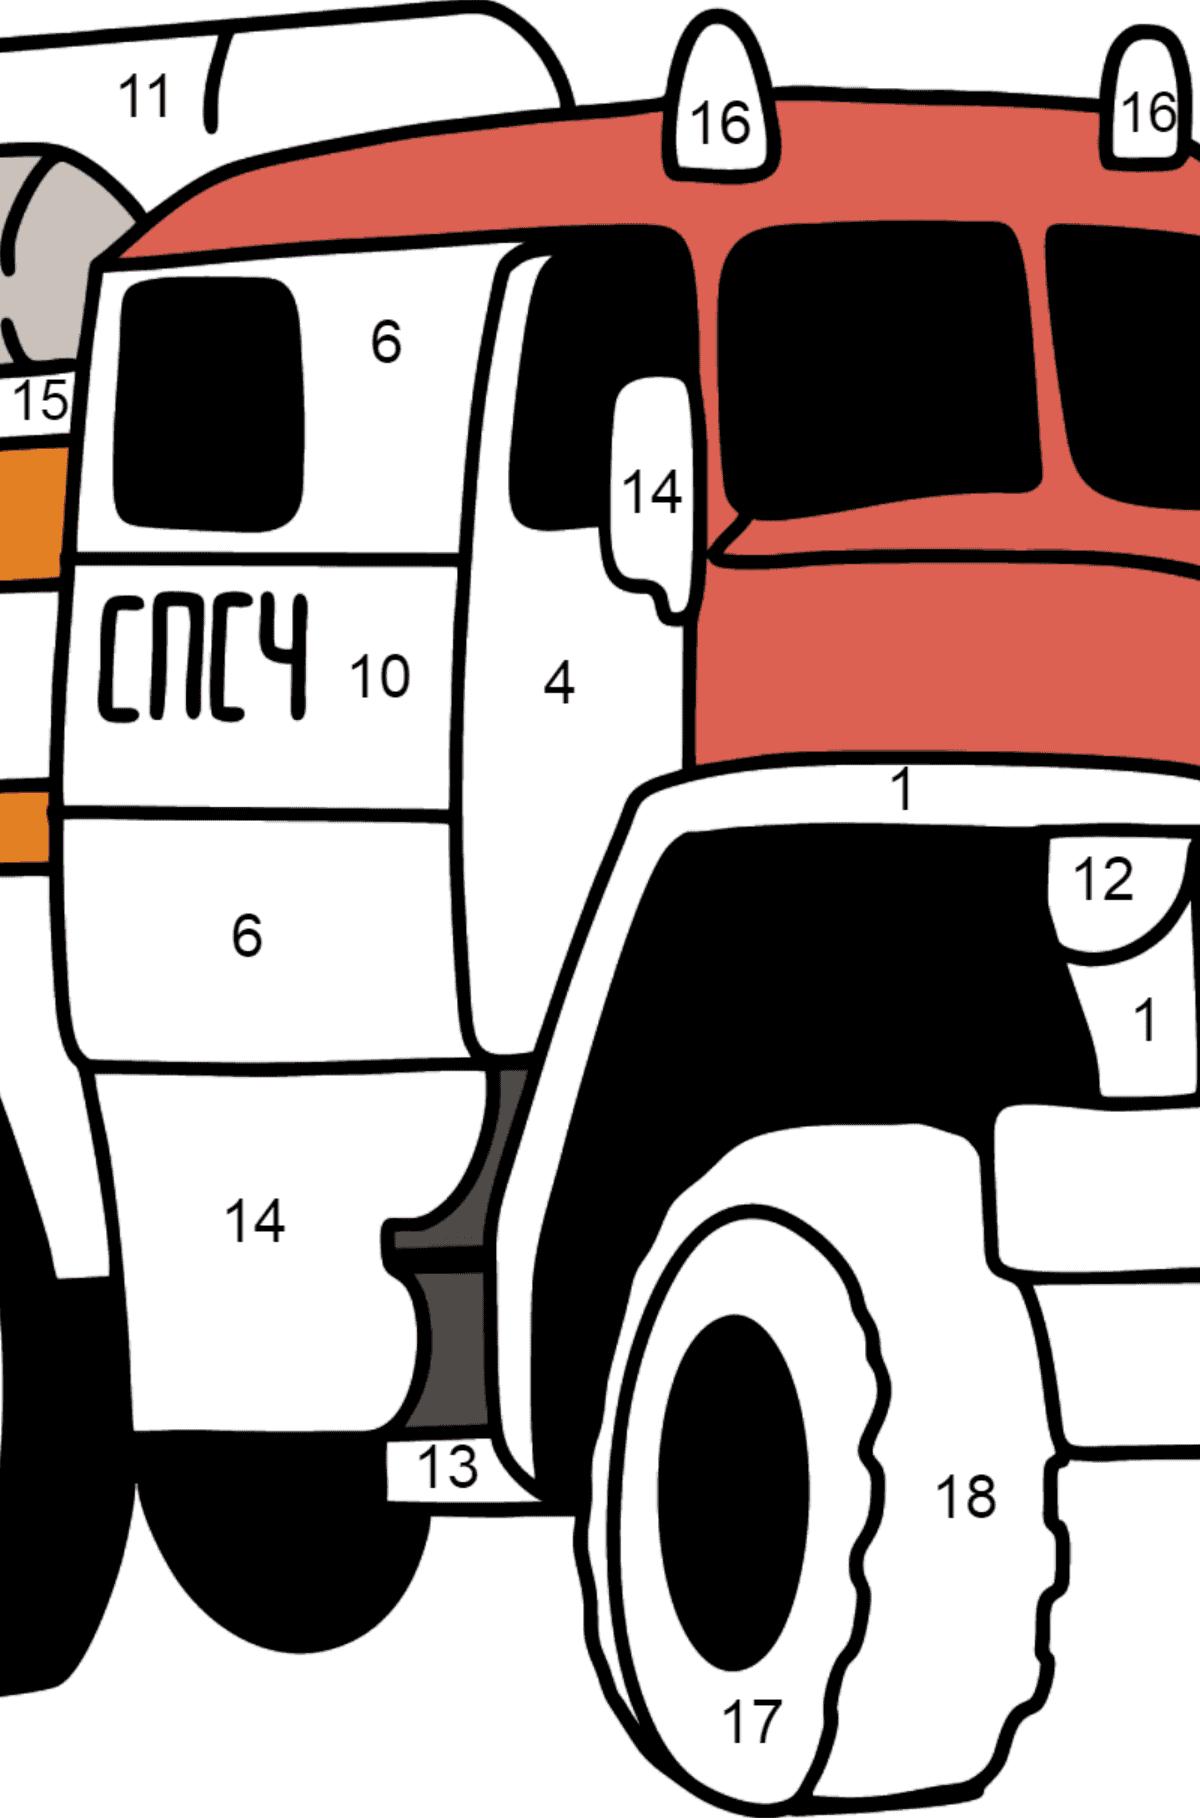 Раскраска Пожарная машина в России - Раскраска по Номерам для Детей